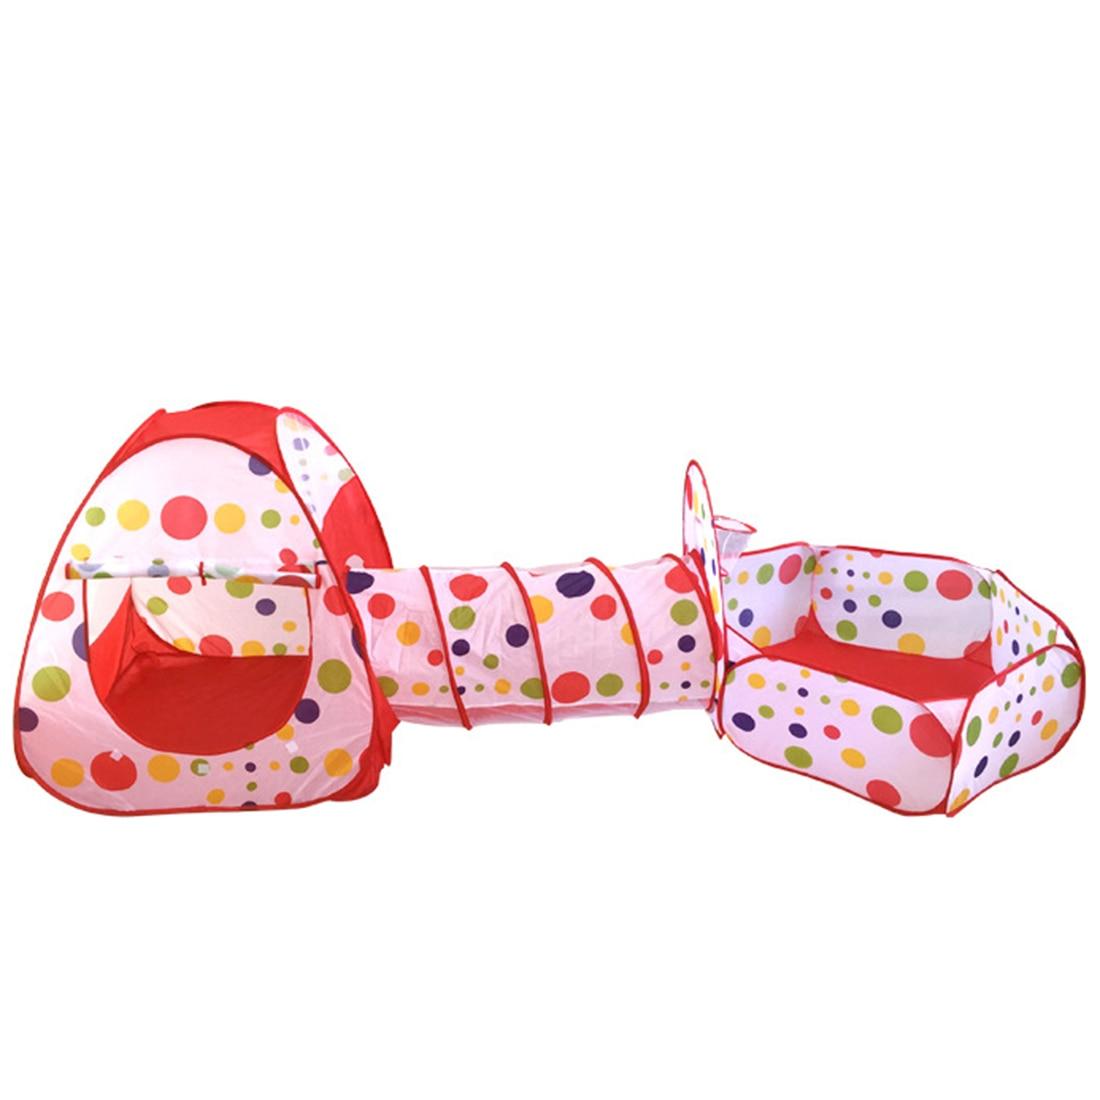 3 pièces Portable mignon hexagone coloré à pois enfants parc à bille fosse facile pliage jouer tente maison avec fourre-tout sac chaud